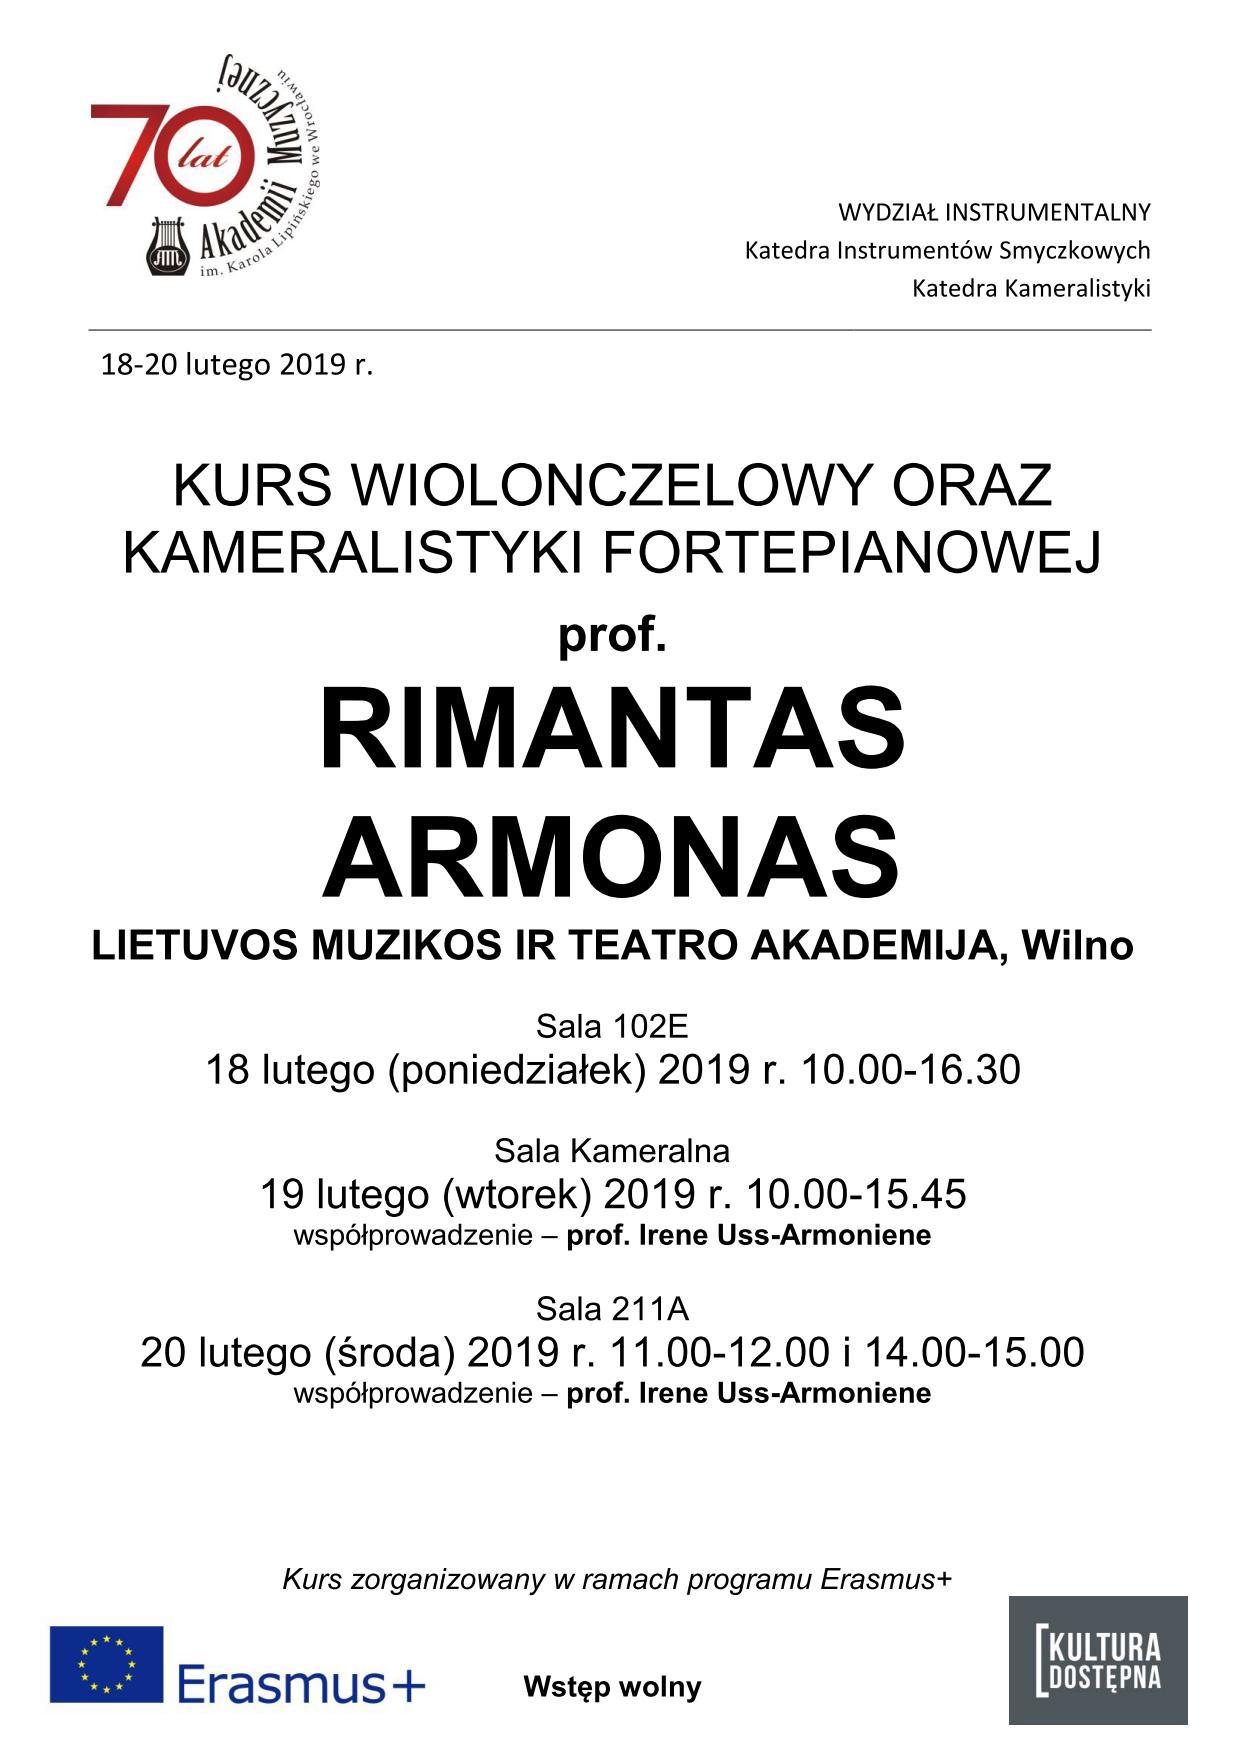 Kurs wiolonczelowy oraz kameralistyki fortepianowej - prof. Rimantas Armonas